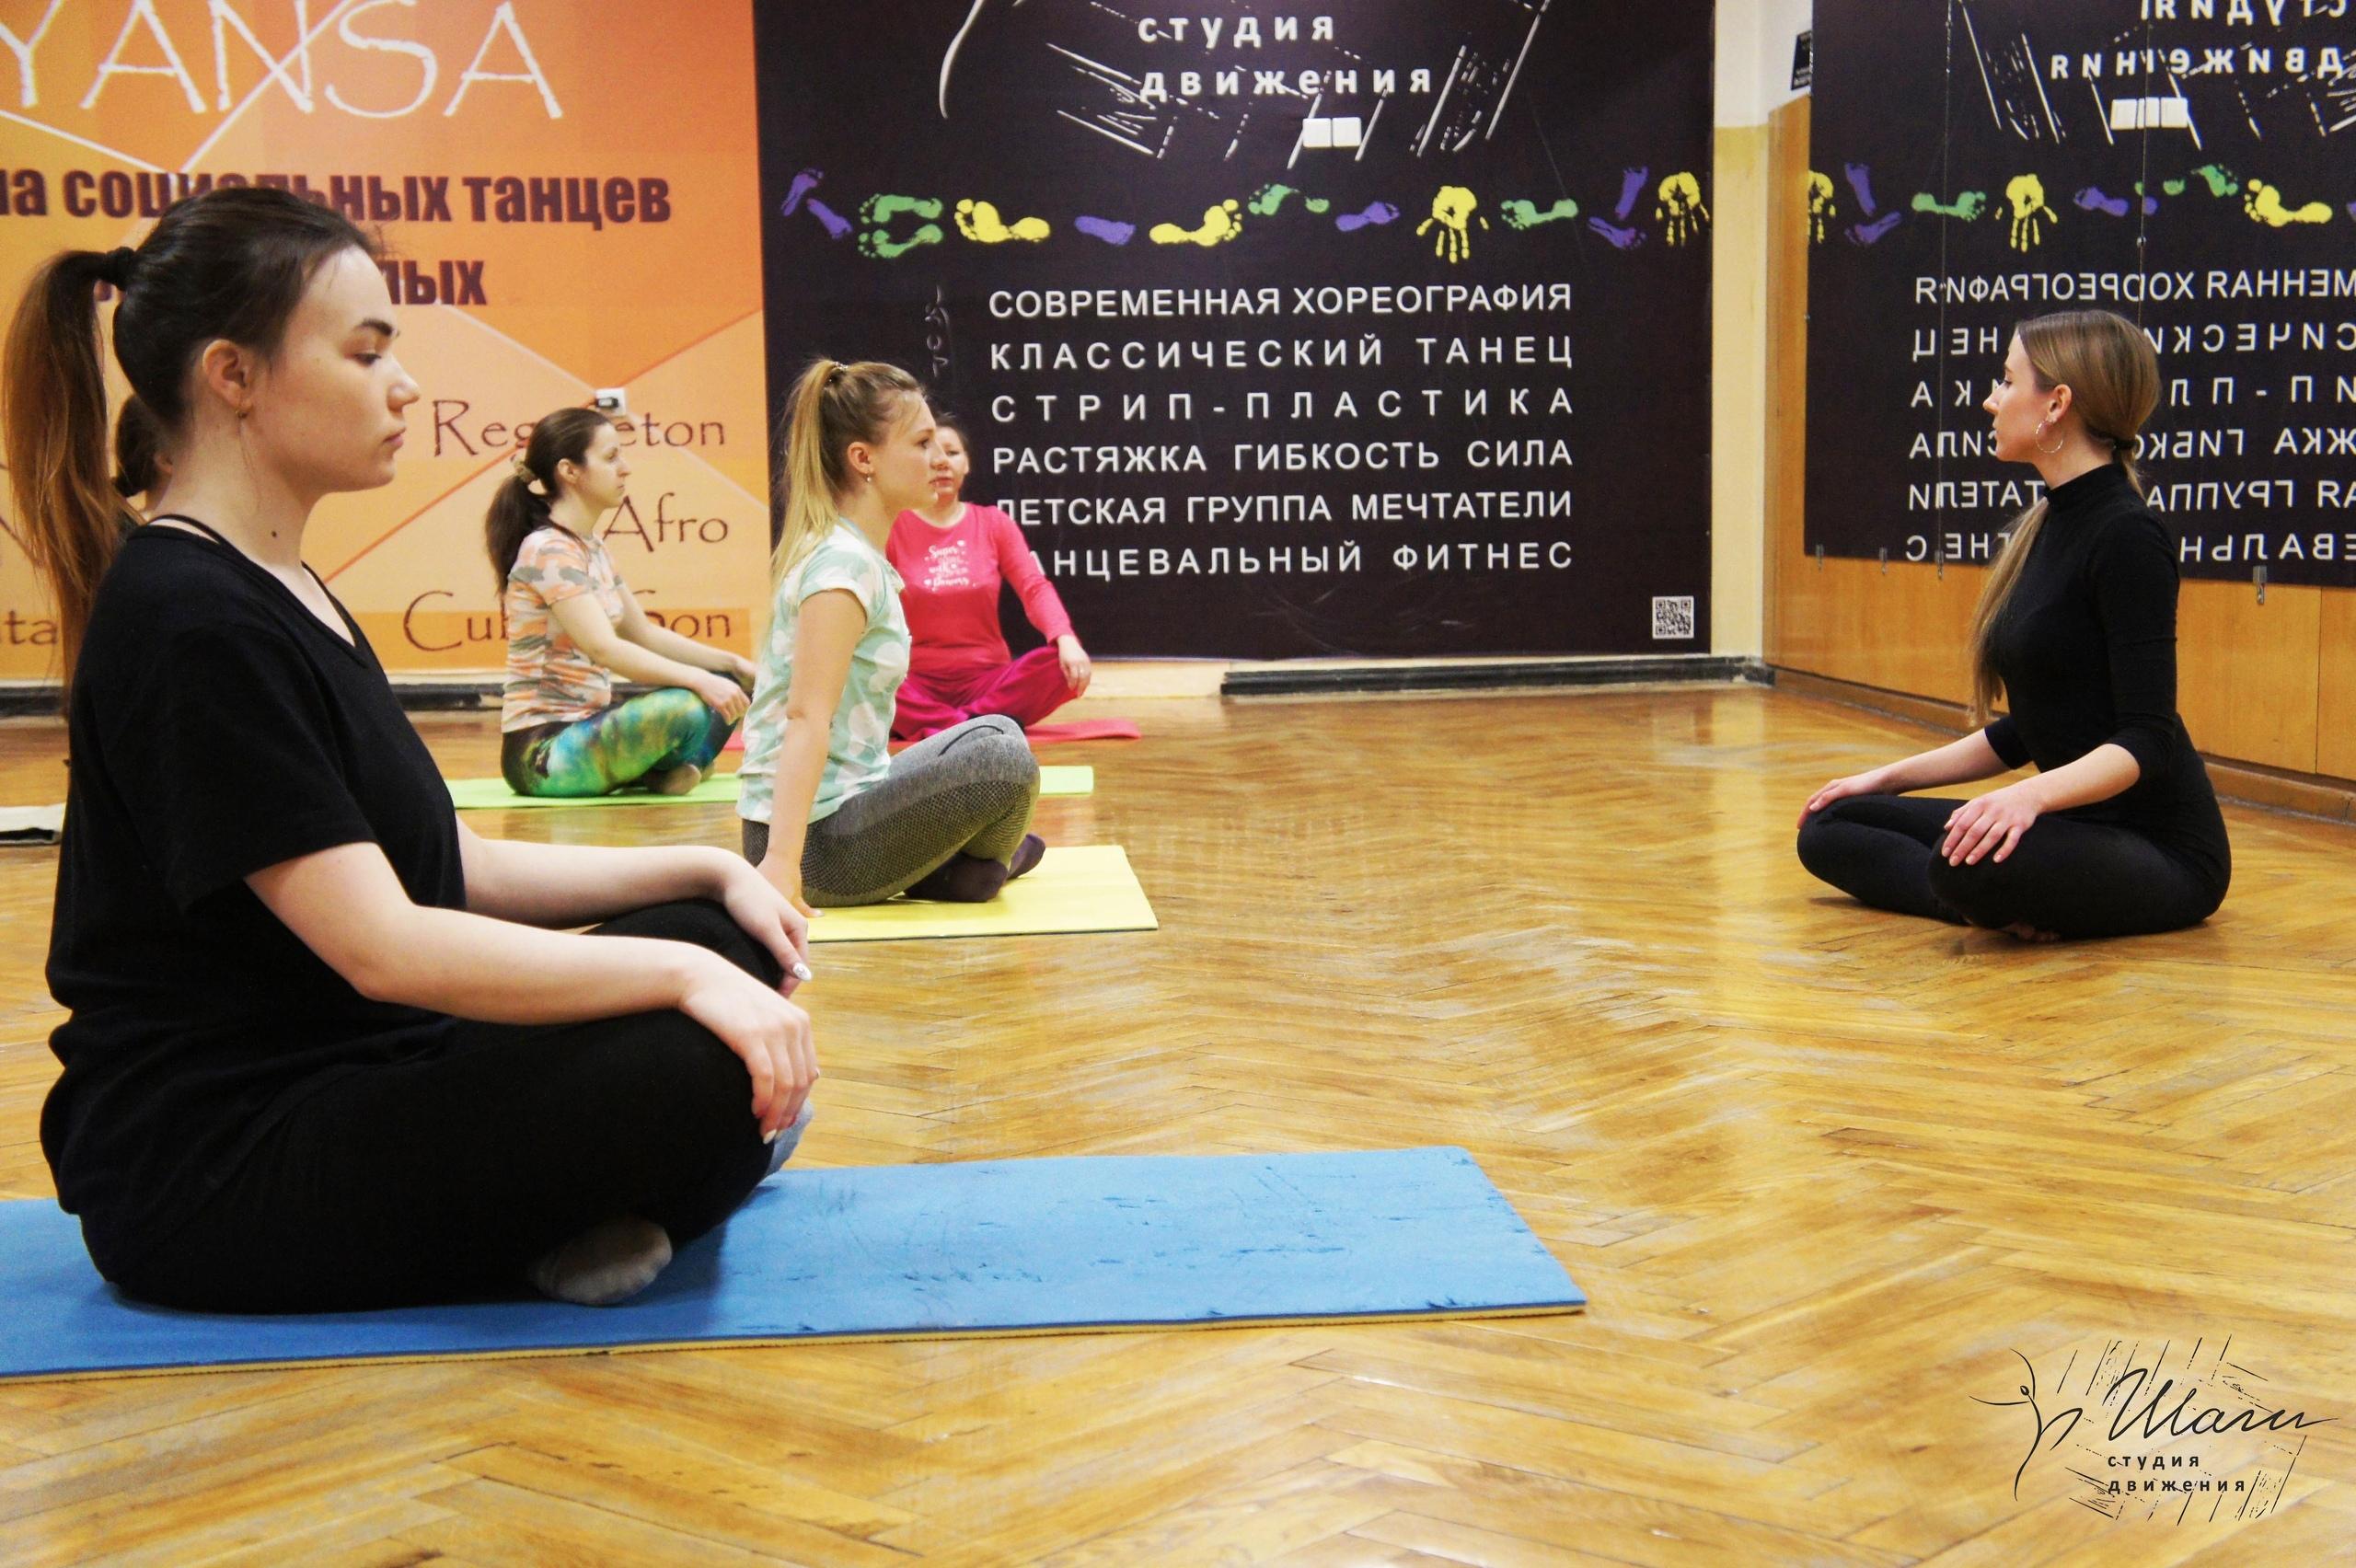 Йога в Студии движения Шаги